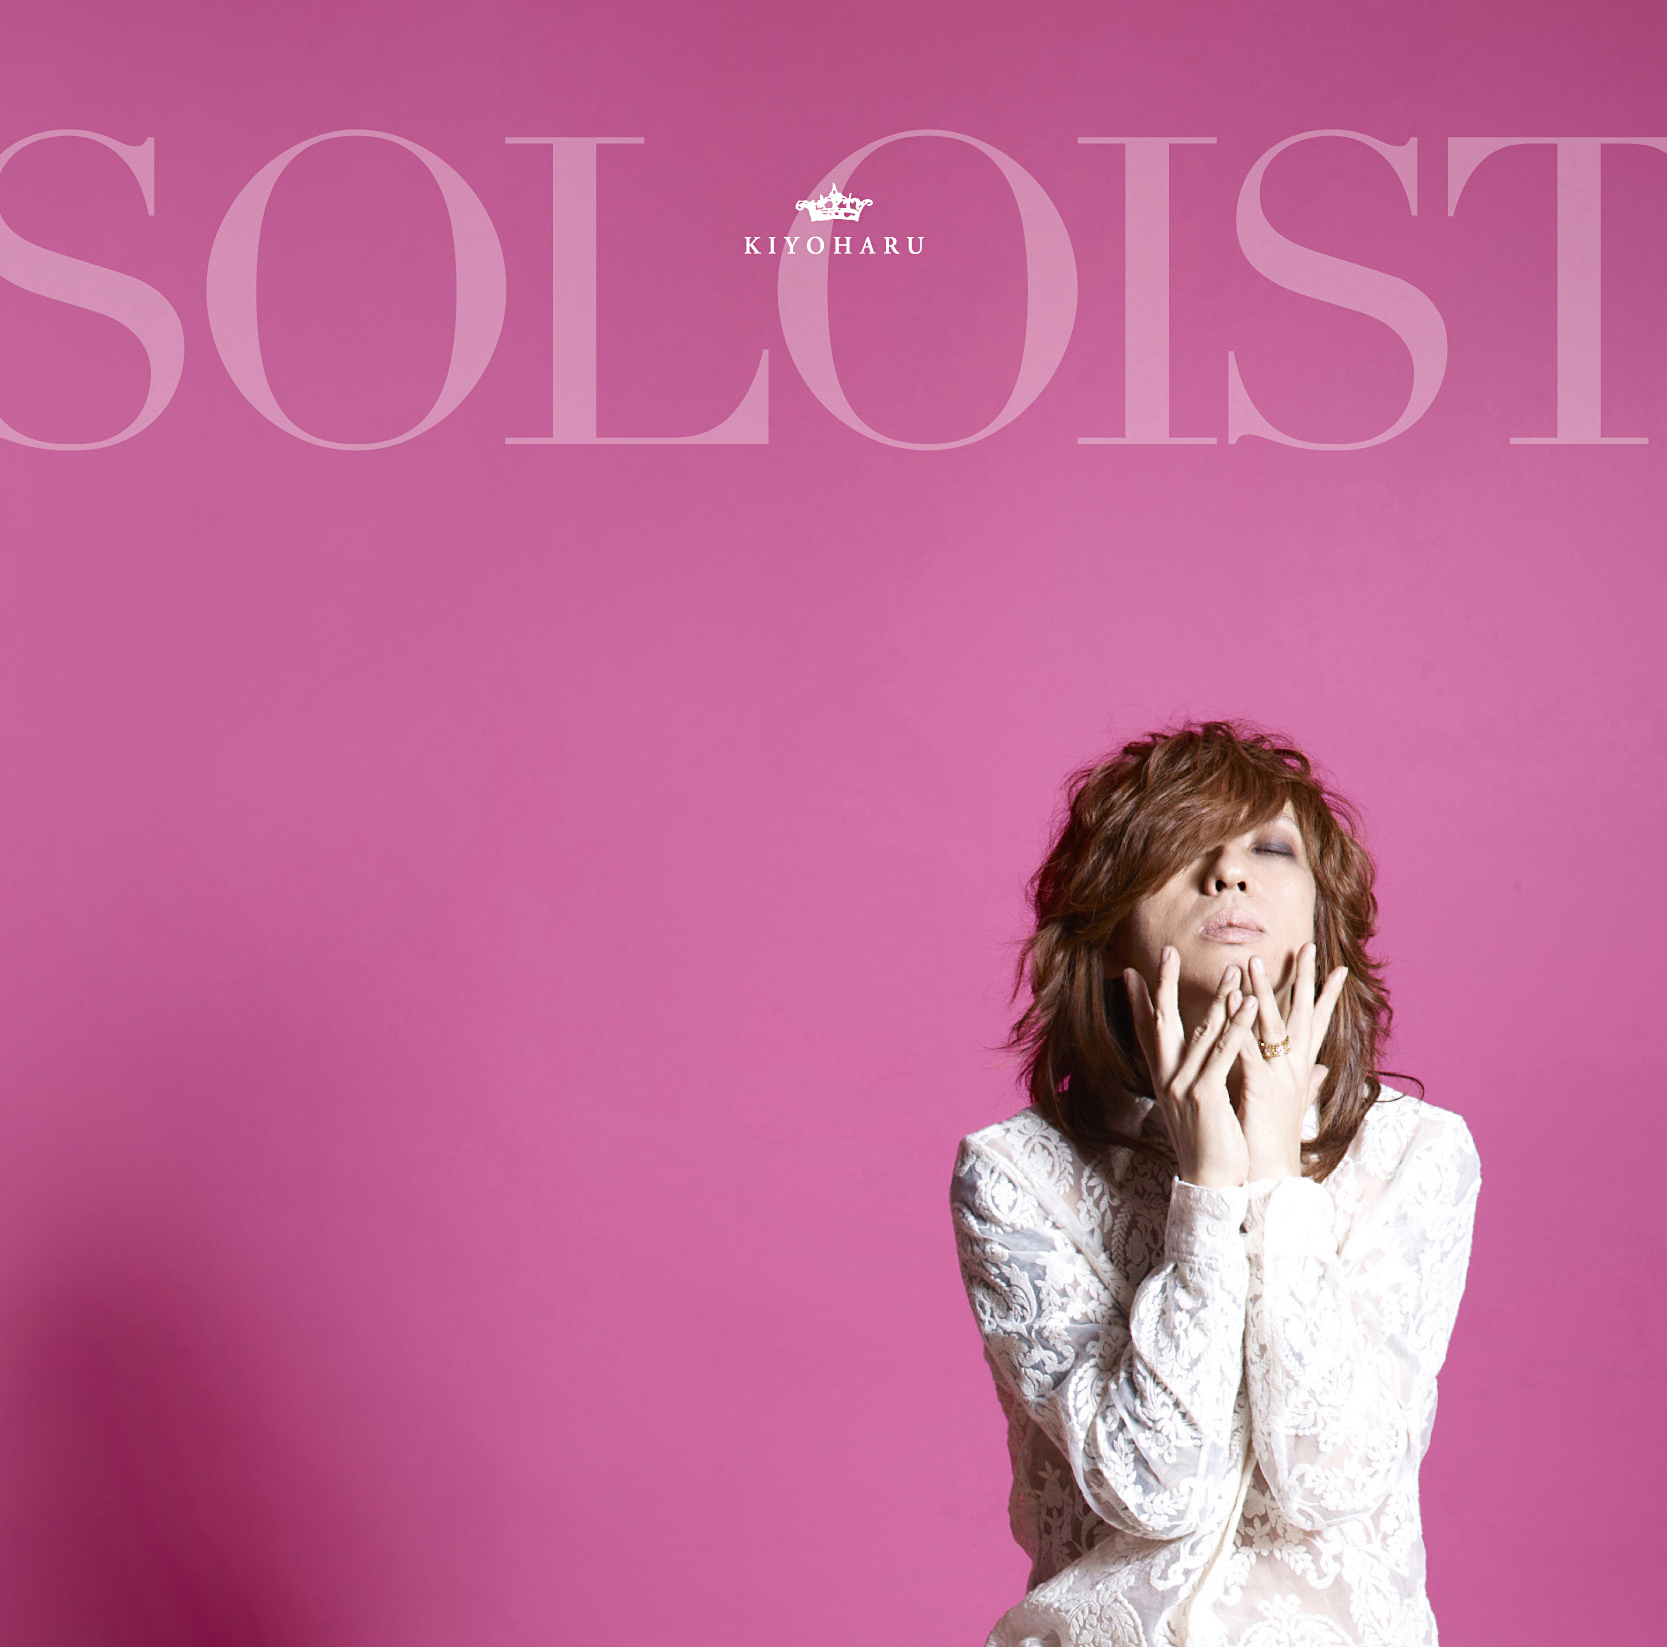 清春 『SOLOIST』